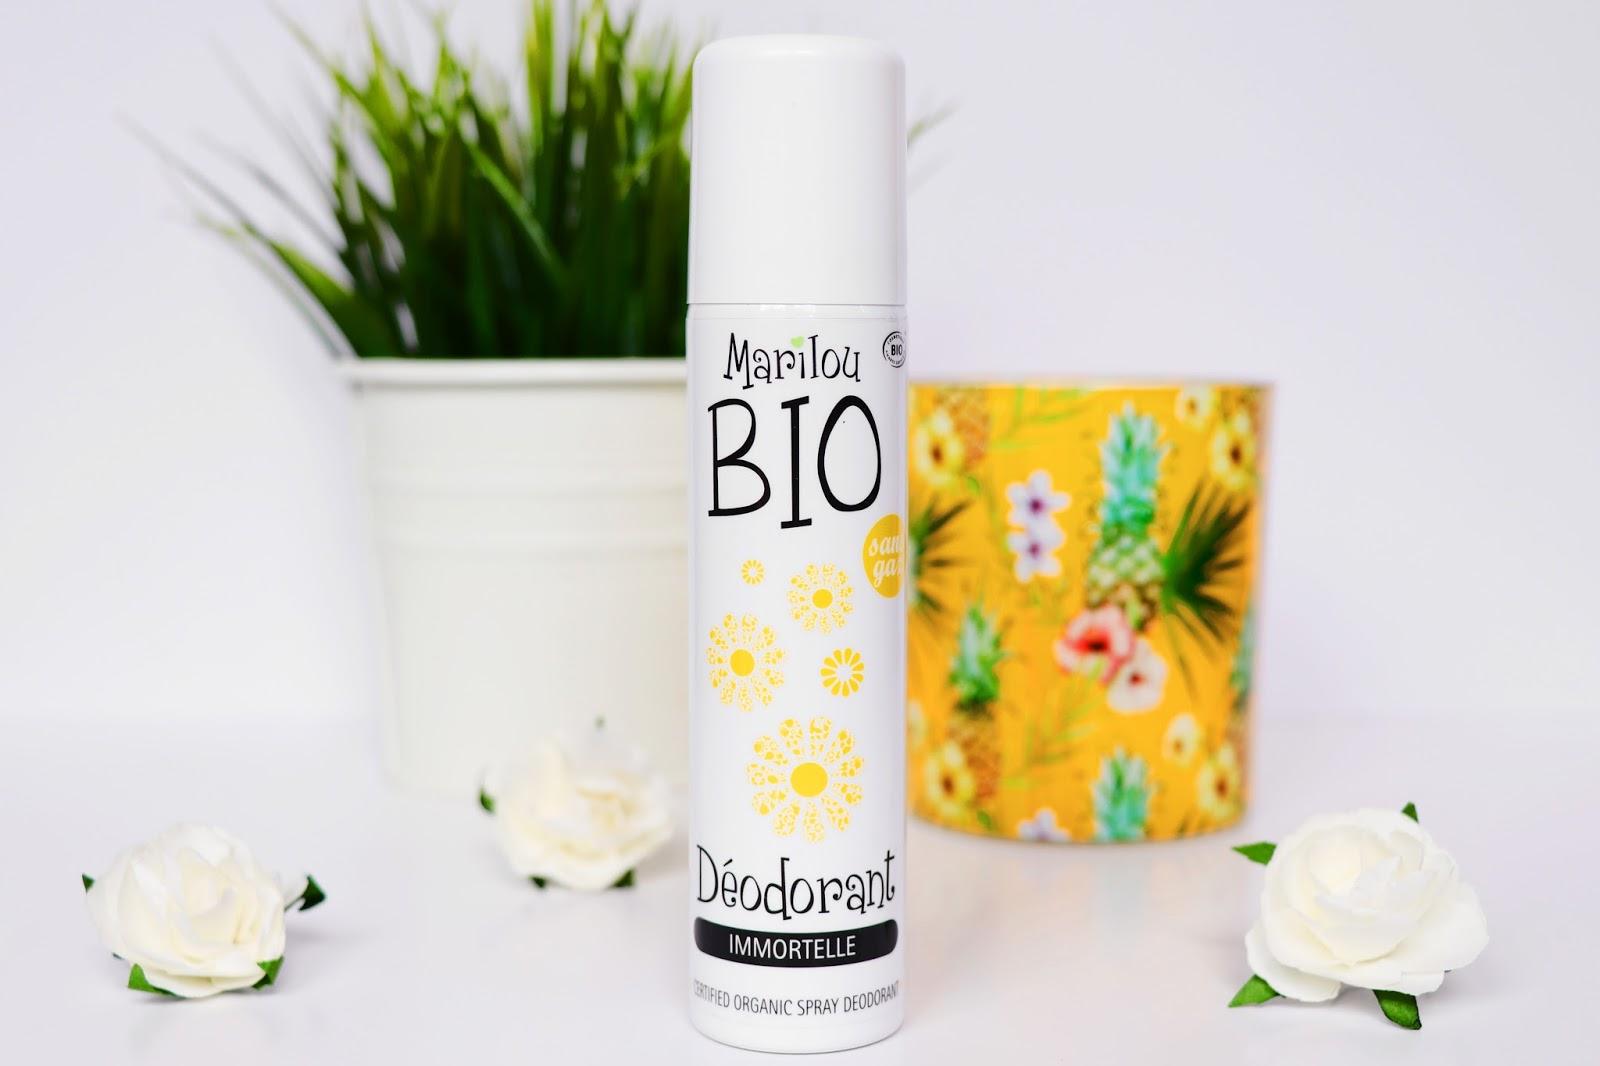 les gommettes de melo gommette mariloubio marilou bio biologique écologie cosmebio ecocert beaute soin cosmetiques salle de bain crème visage masque exfoliant huile d'argan eau micellaire